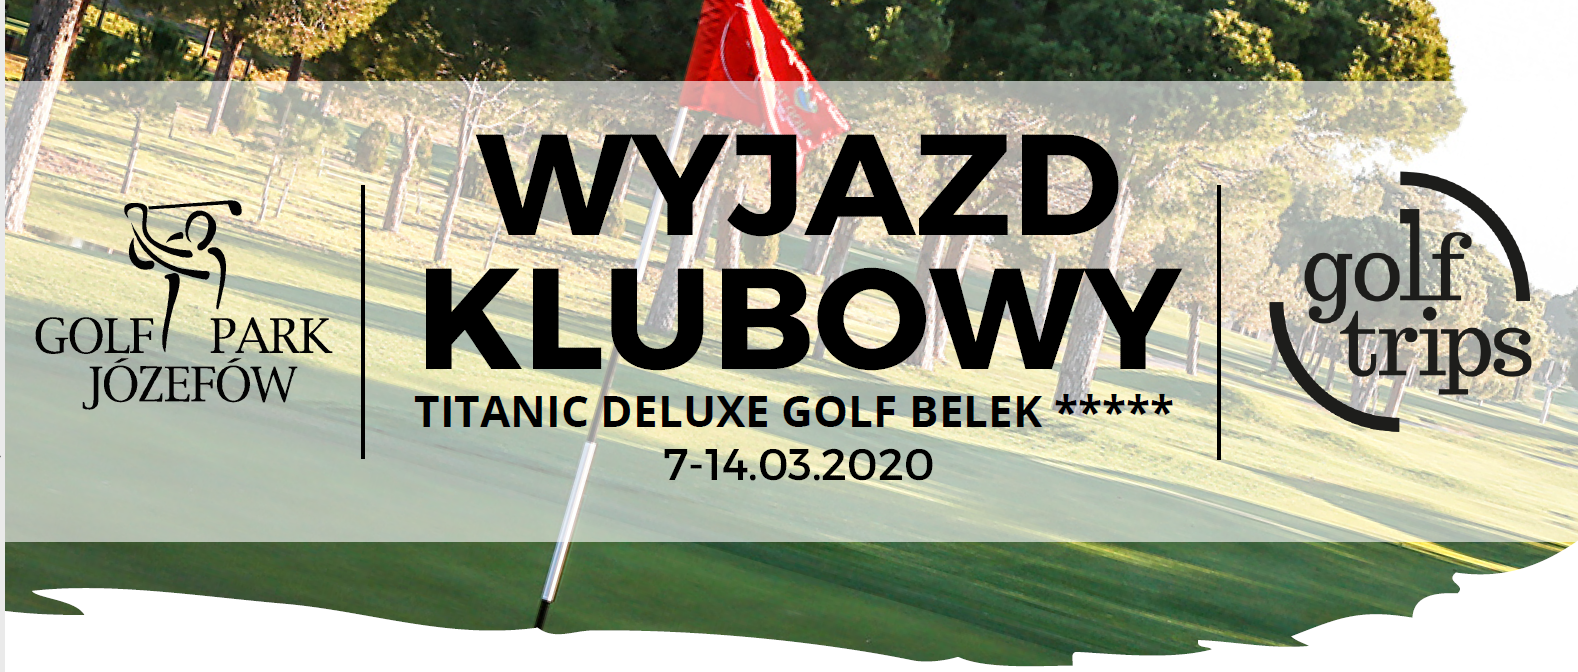 Klubowy wyjazd golfowy z Golf Park Józefów do Turcji – 7-14.03.2020 r.